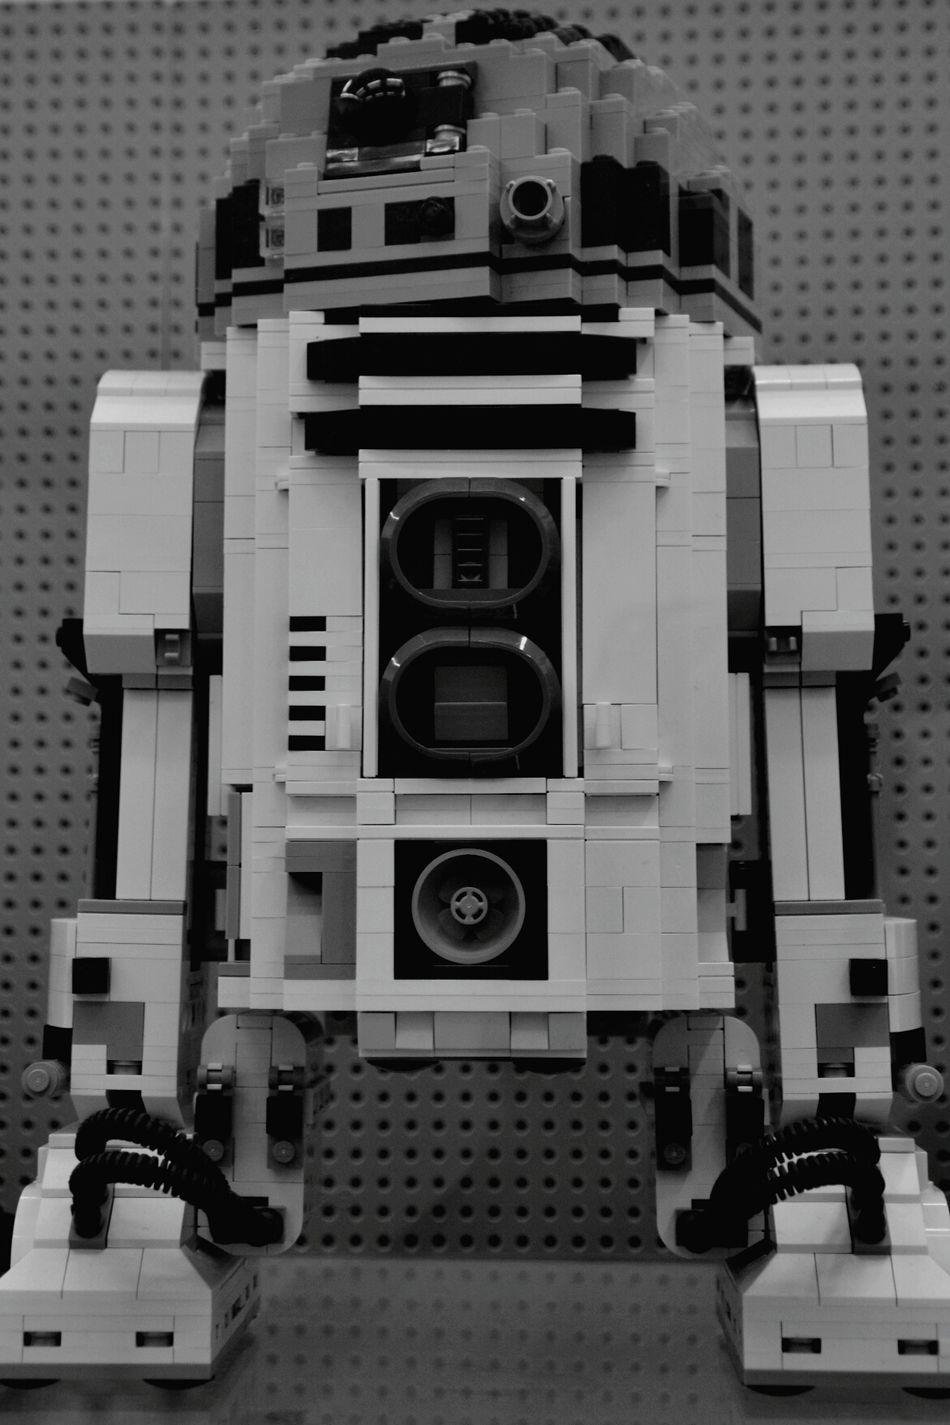 Starwars C3po C3po Starwars Lego Star Wars